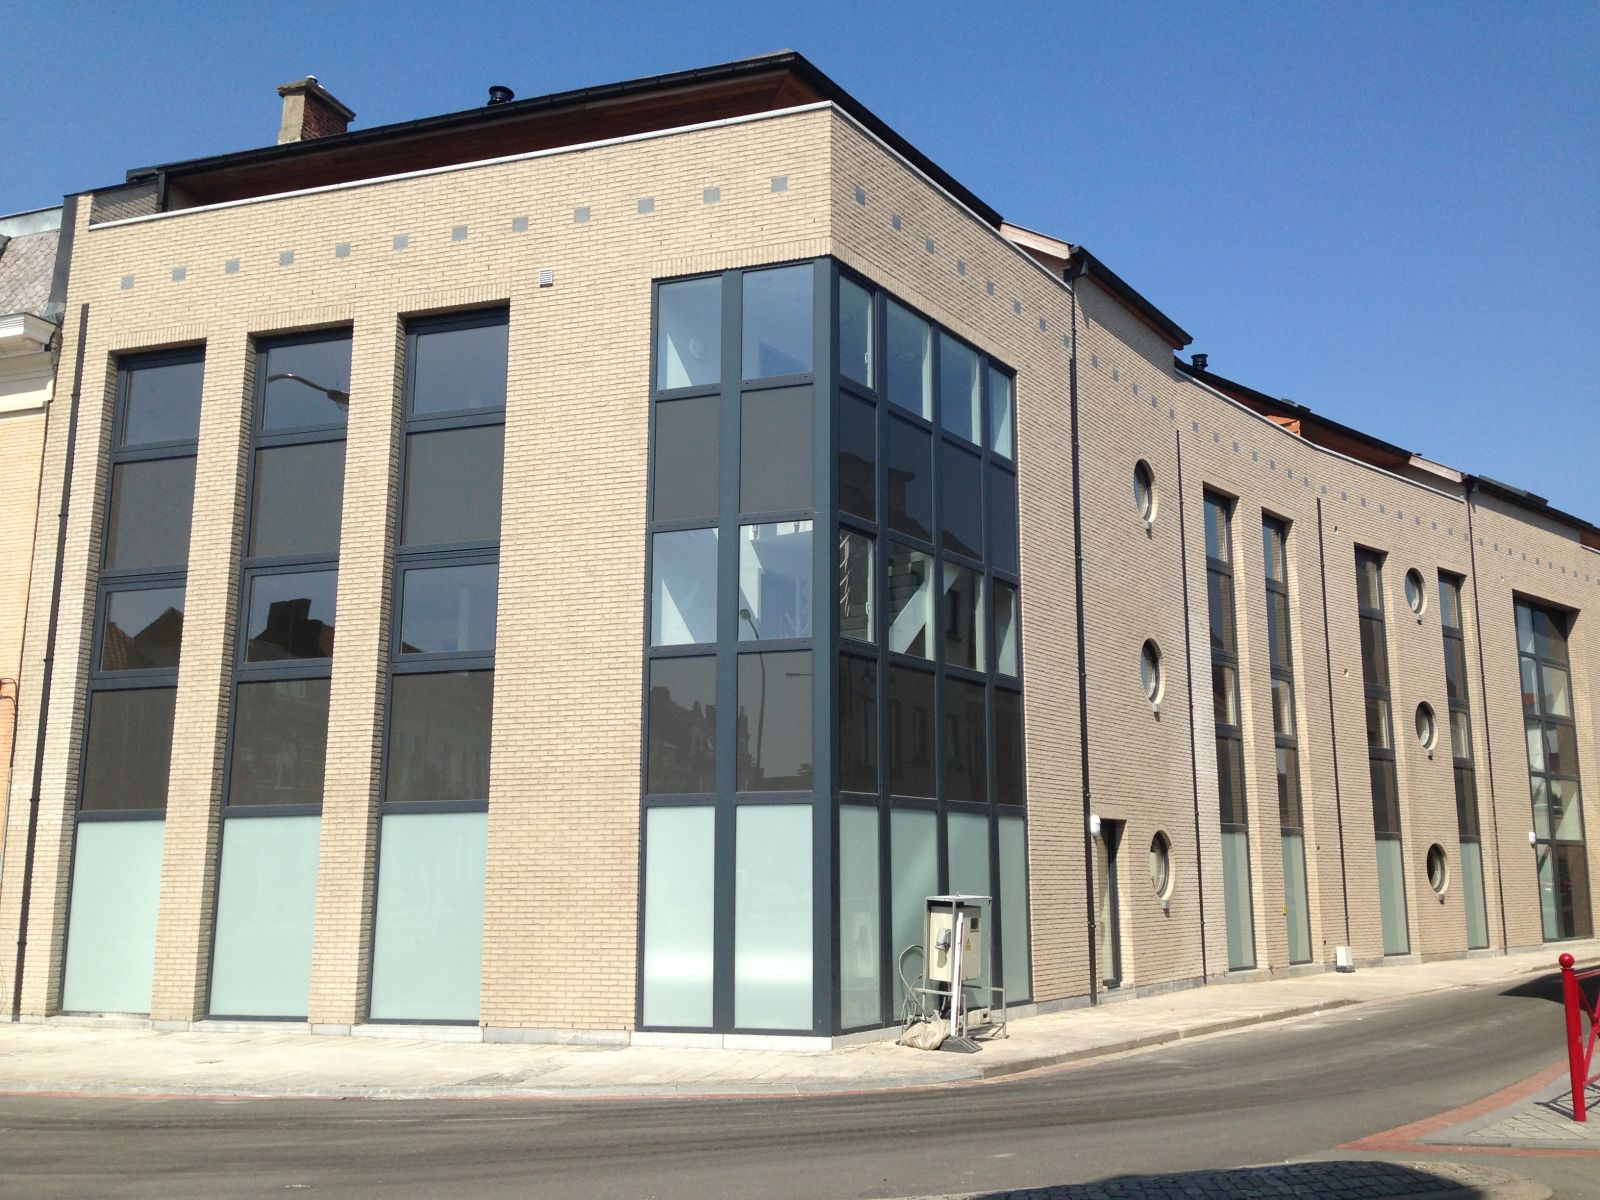 Appartement bouwen voorbeeld nieuwbouw met garages with for Bouwen kostprijs